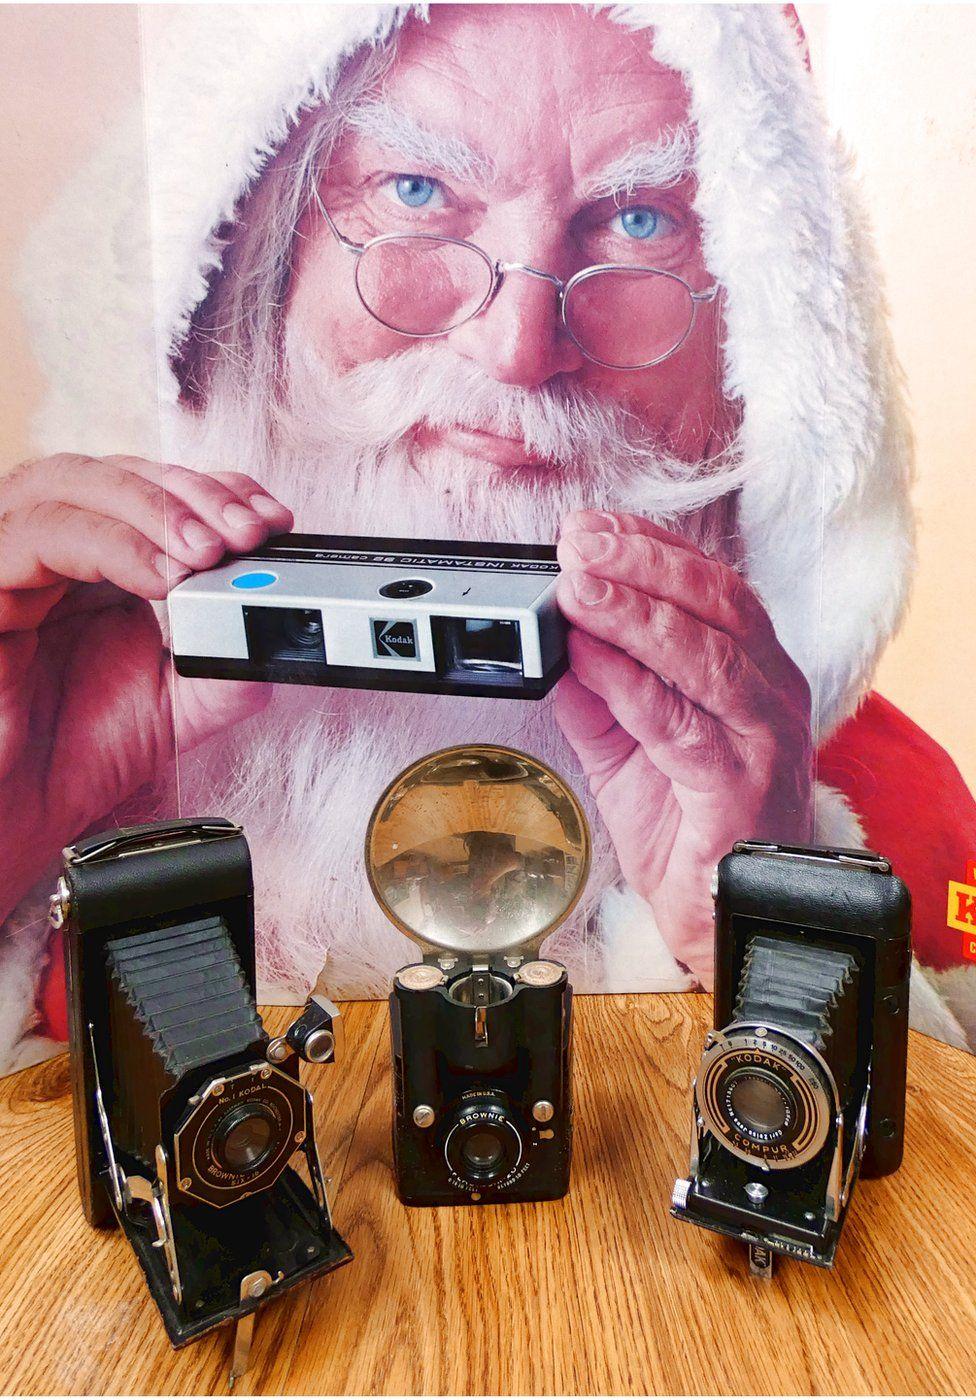 От стереоскопических до 3D-камер: британец собрал уникальну коллекцию фотоаппаратов - фото 10